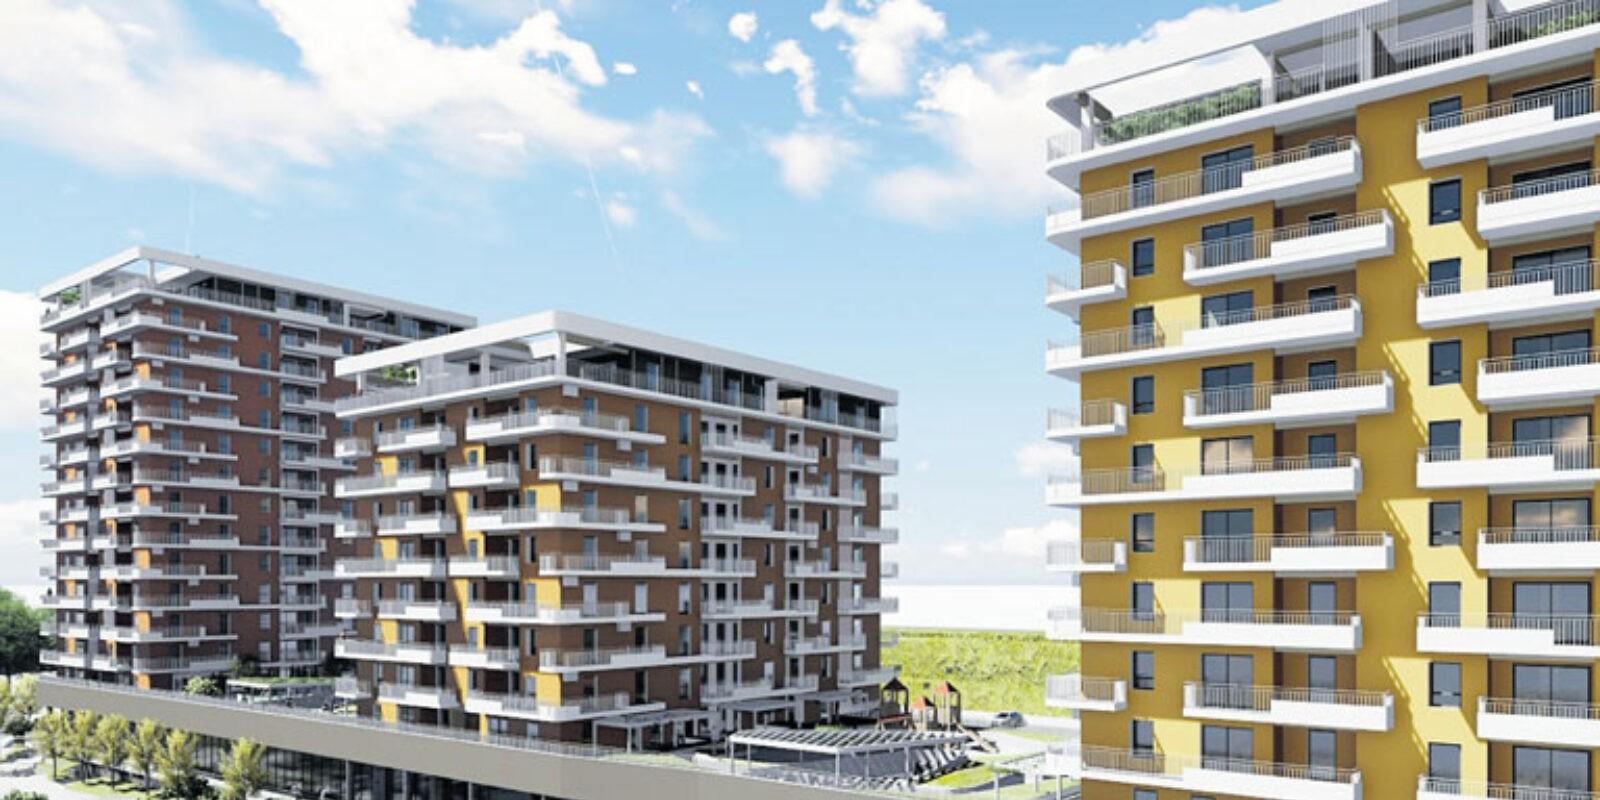 PROJEKT OD 50 MILIJUNA EURA Ekskluzivni stambeni kompleks mami kupce iz Njemačke, Austrije, SAD-a i Kine